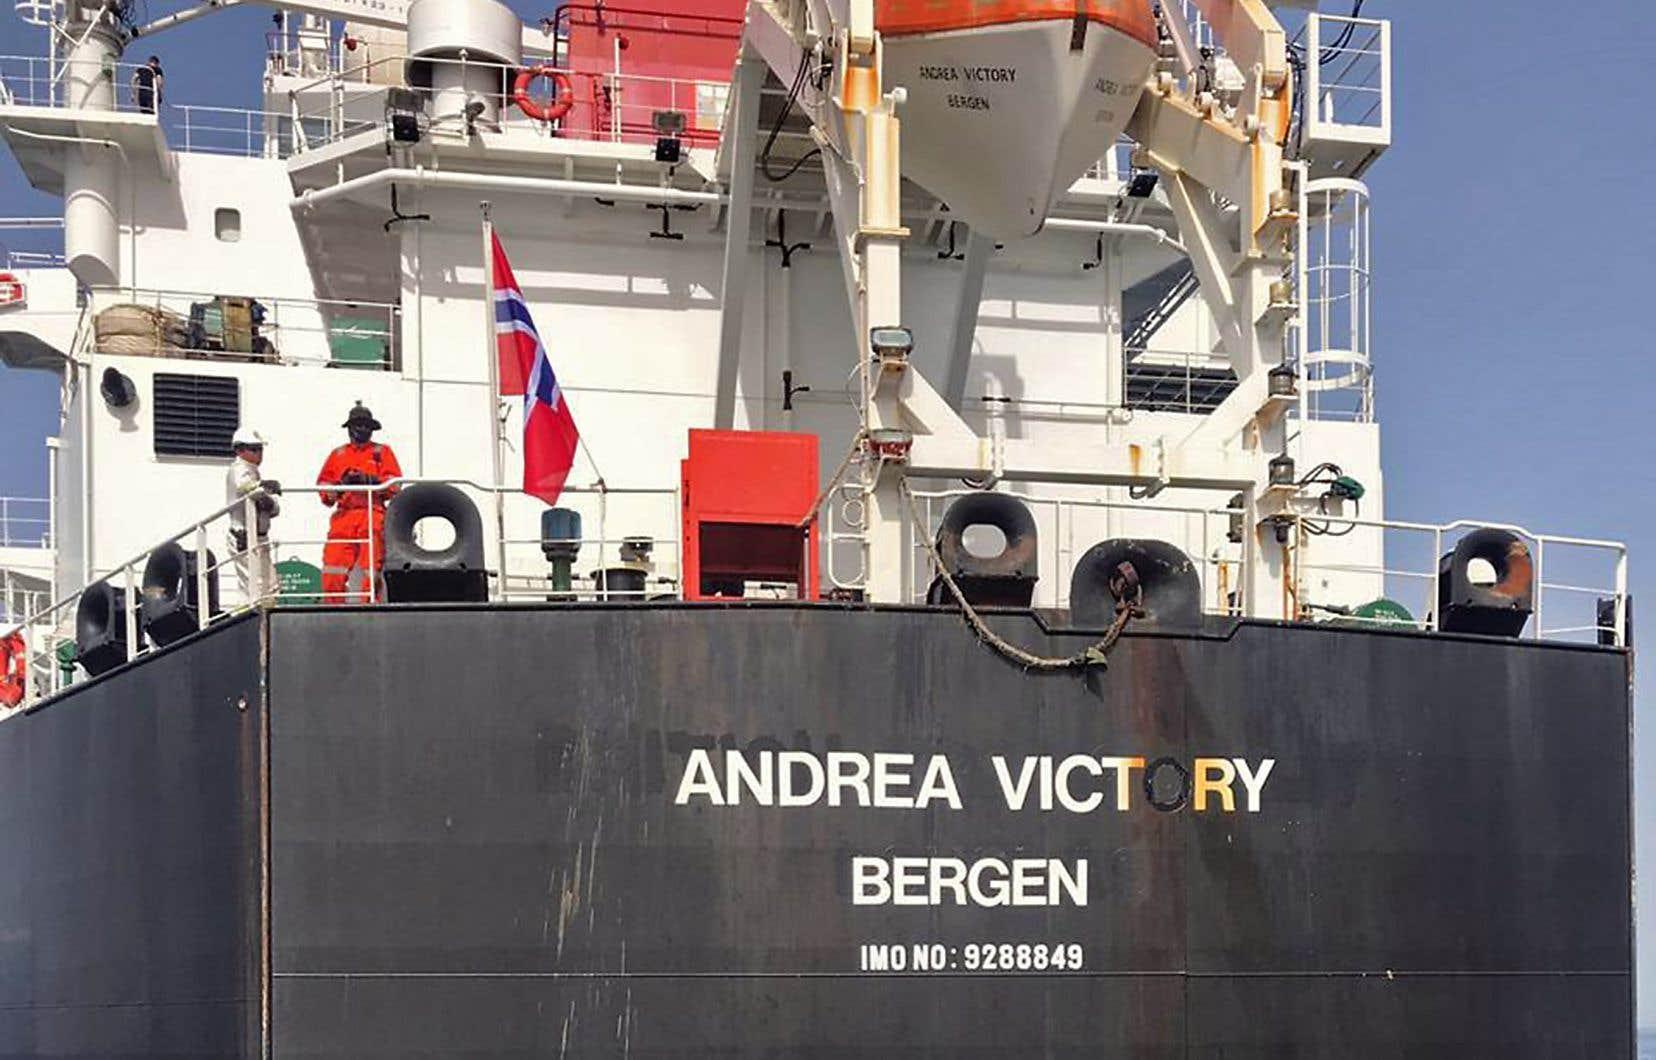 Lundi, quatre navires ont été attaqués au large des Émirats arabes unis, dont l'«Andrea Victory» (sur la photo).